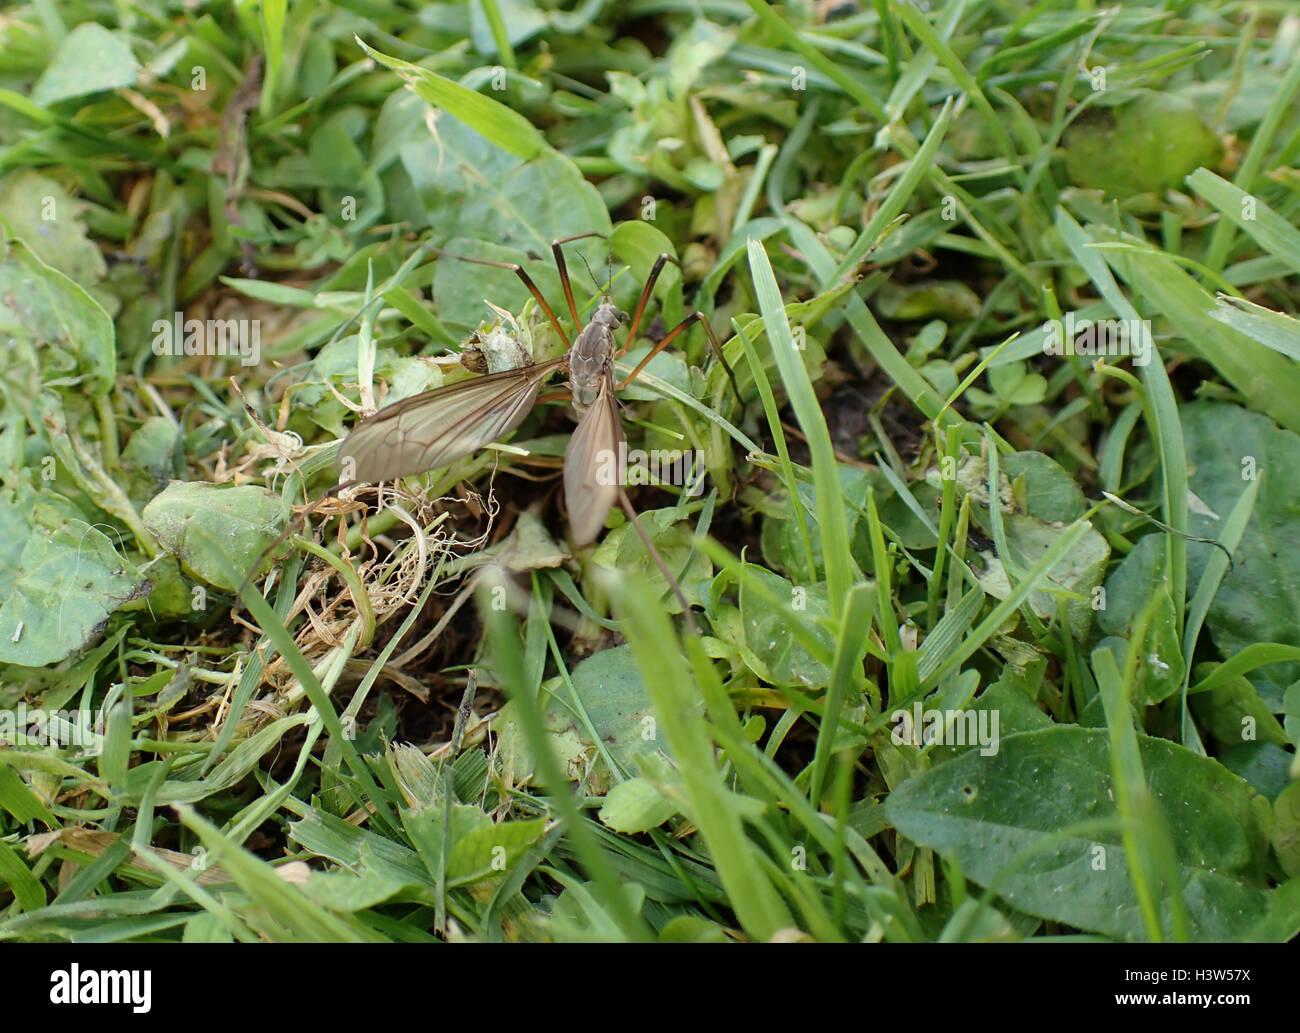 Nahaufnahme des weiblichen Kran-Fly (Tipula Oleracea) Eiablage im Rasen Stockbild